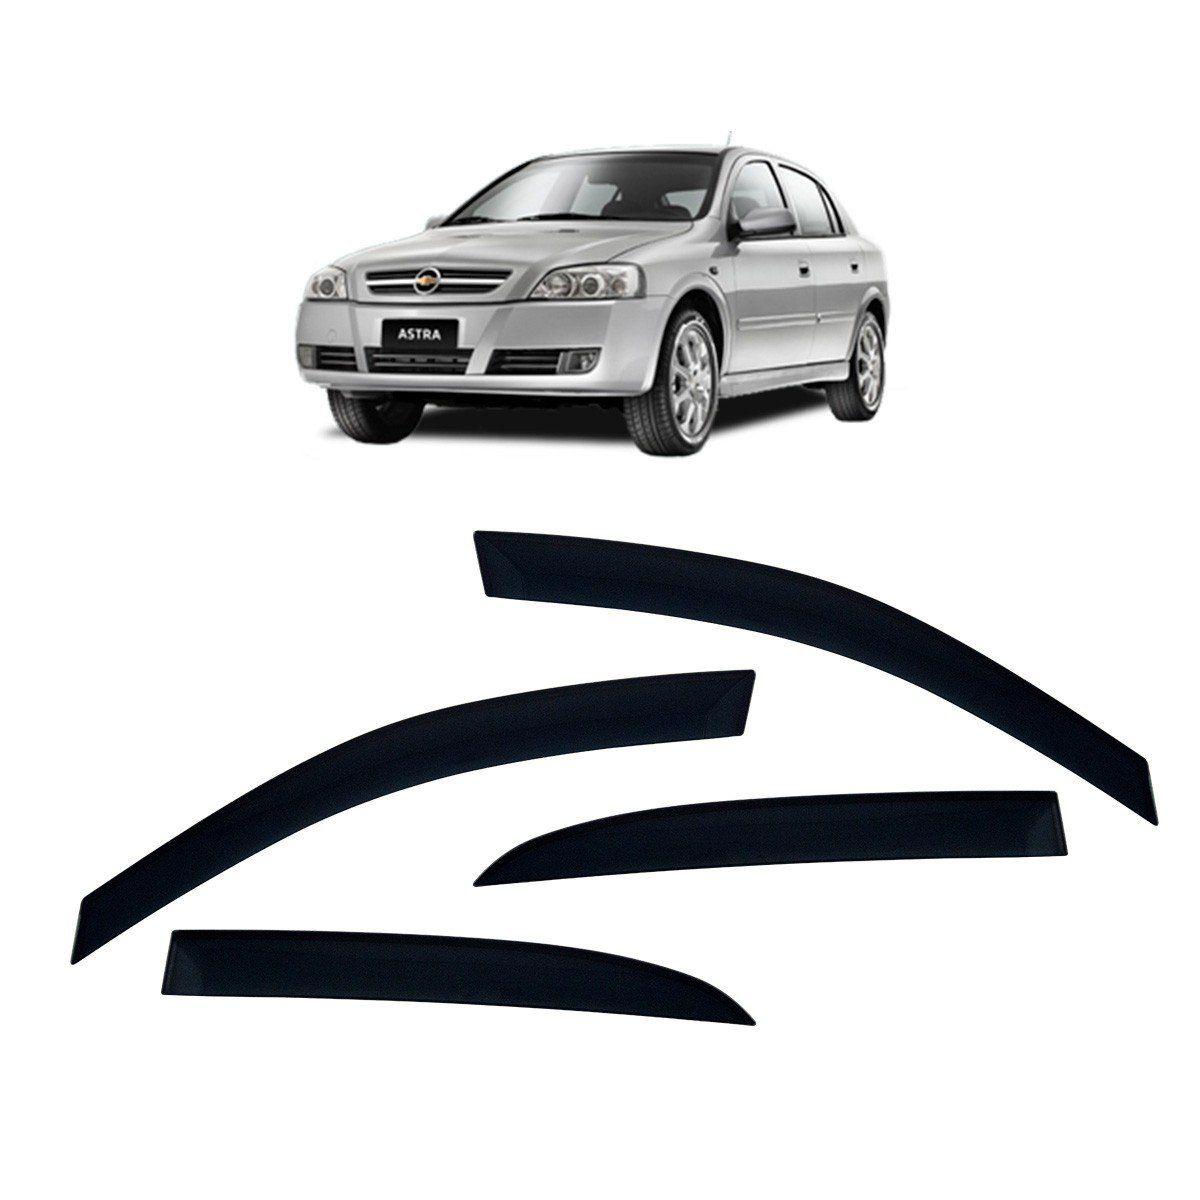 Calha De Chuva Astra Hatch E Sedan Defletor TG Poli